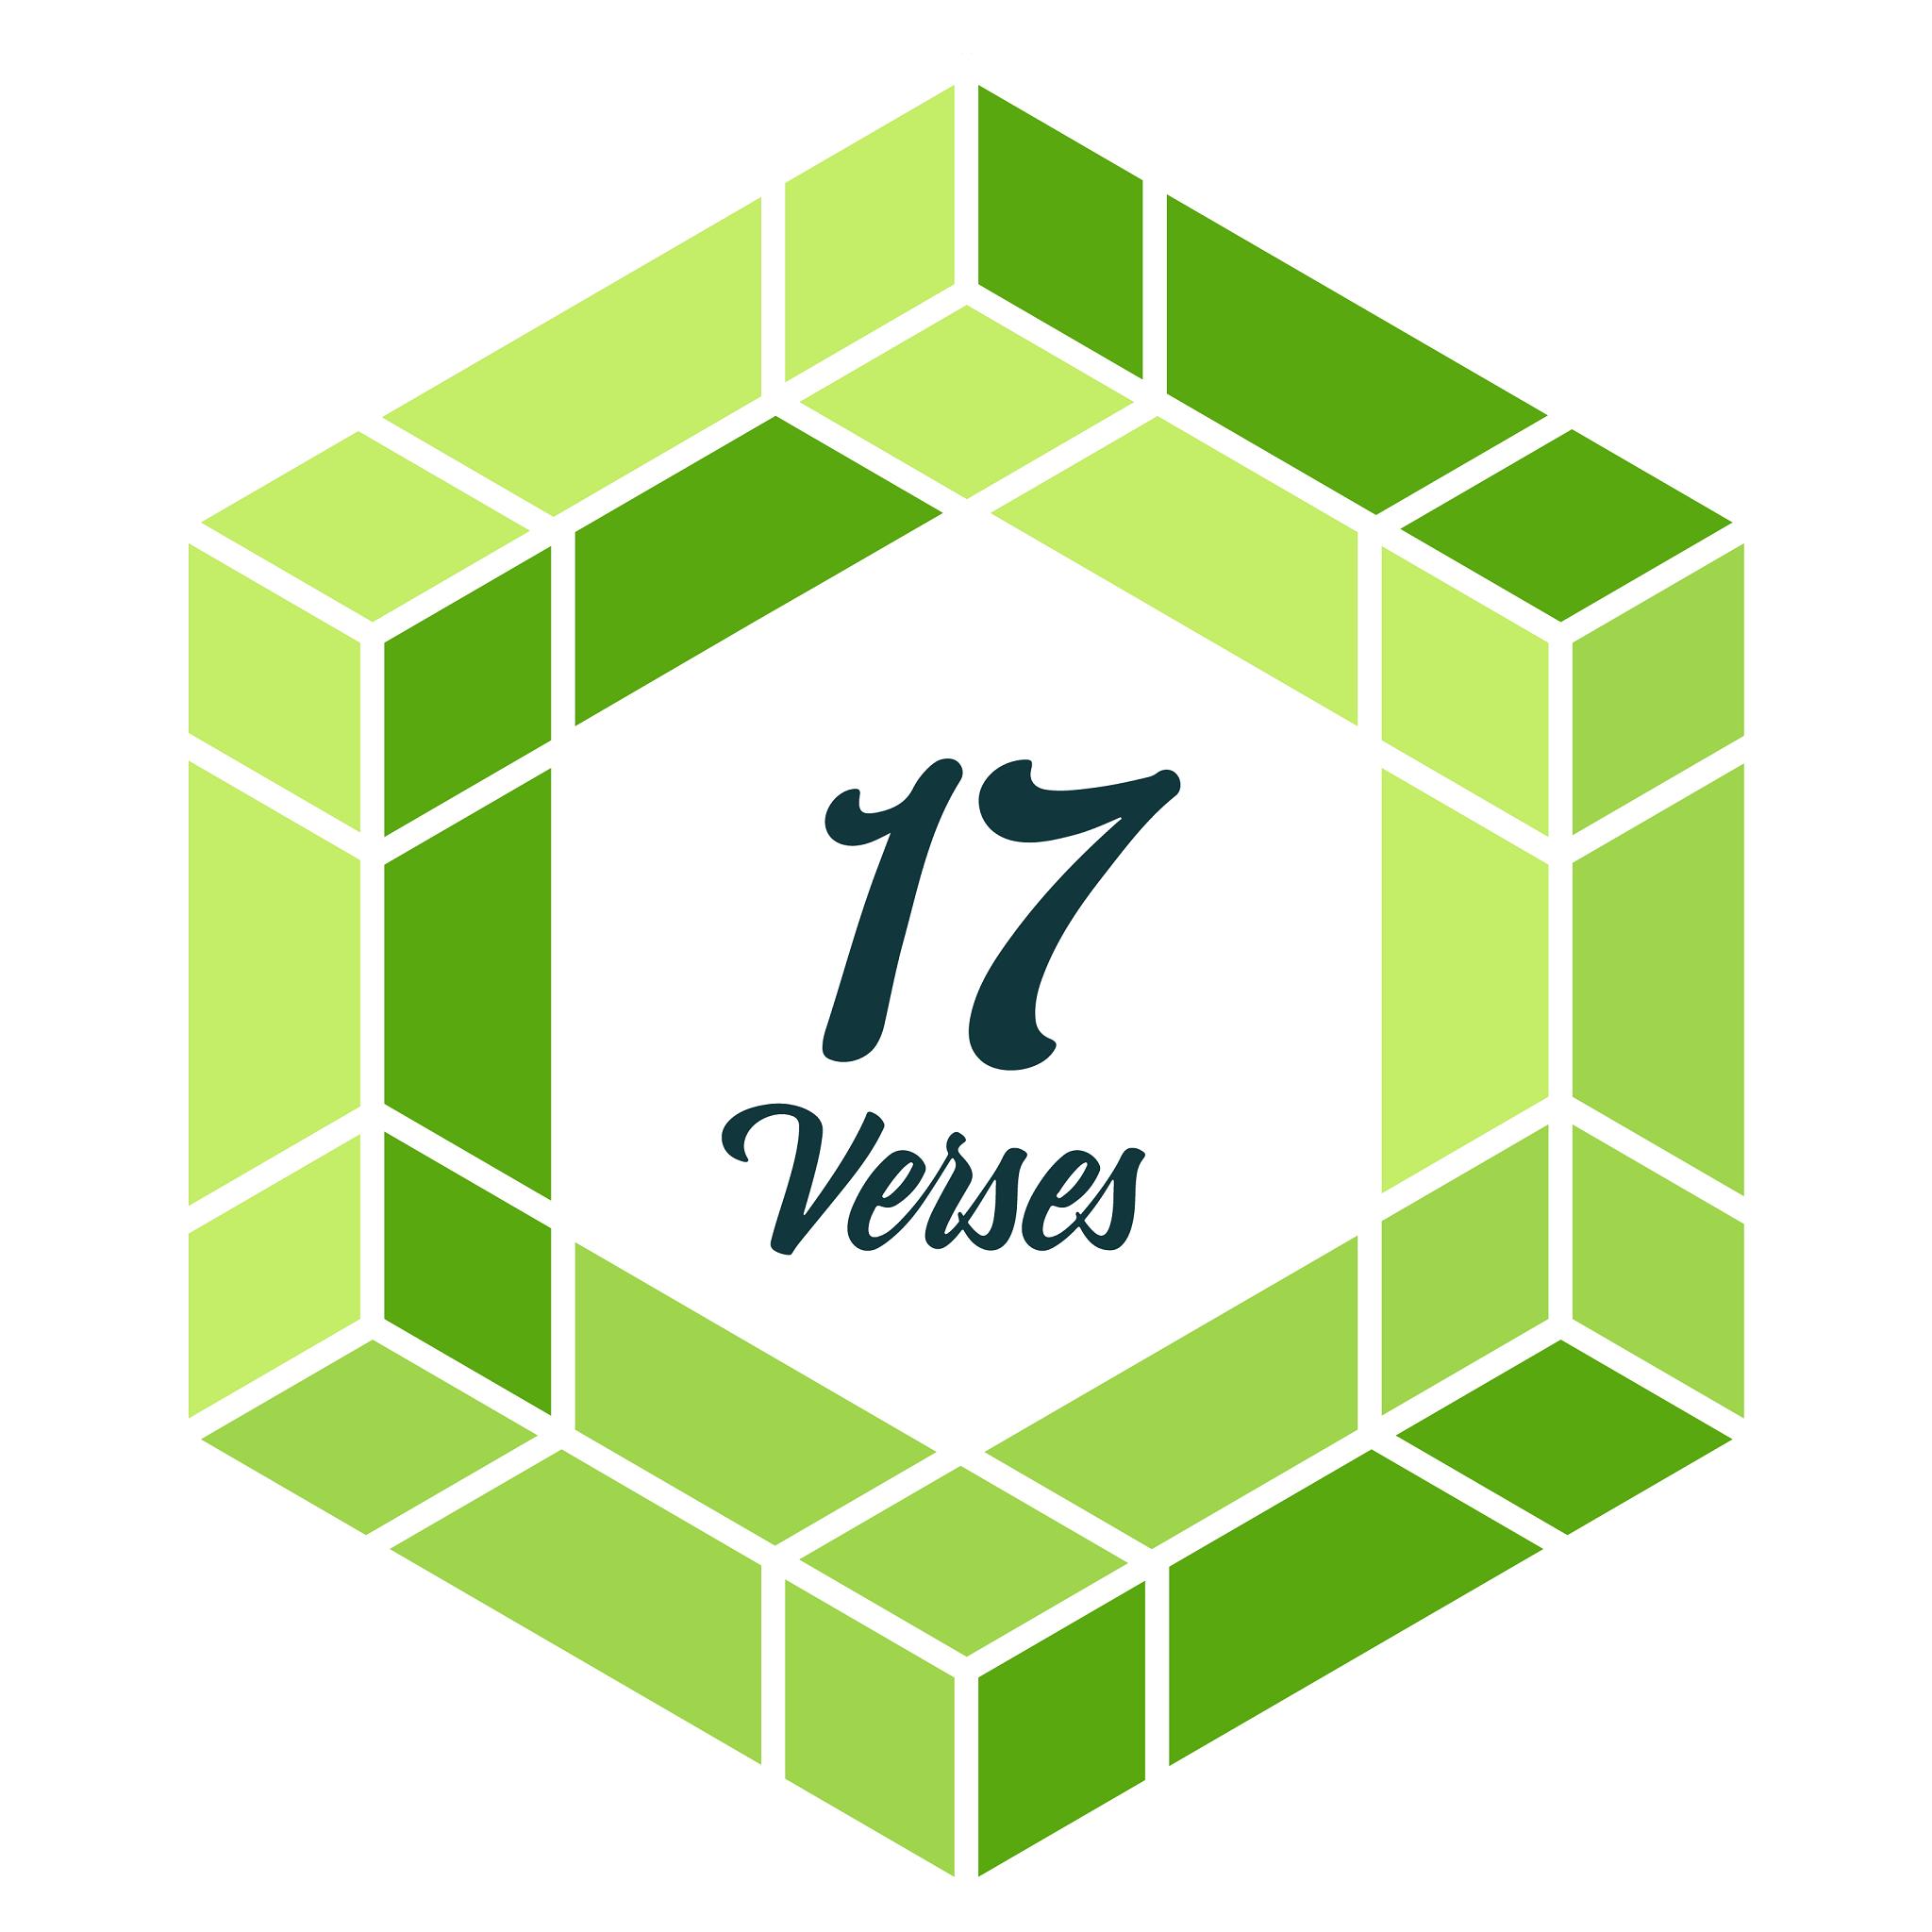 Year 2 - Surah 2 (Al-Baqarah), Verses 113-121